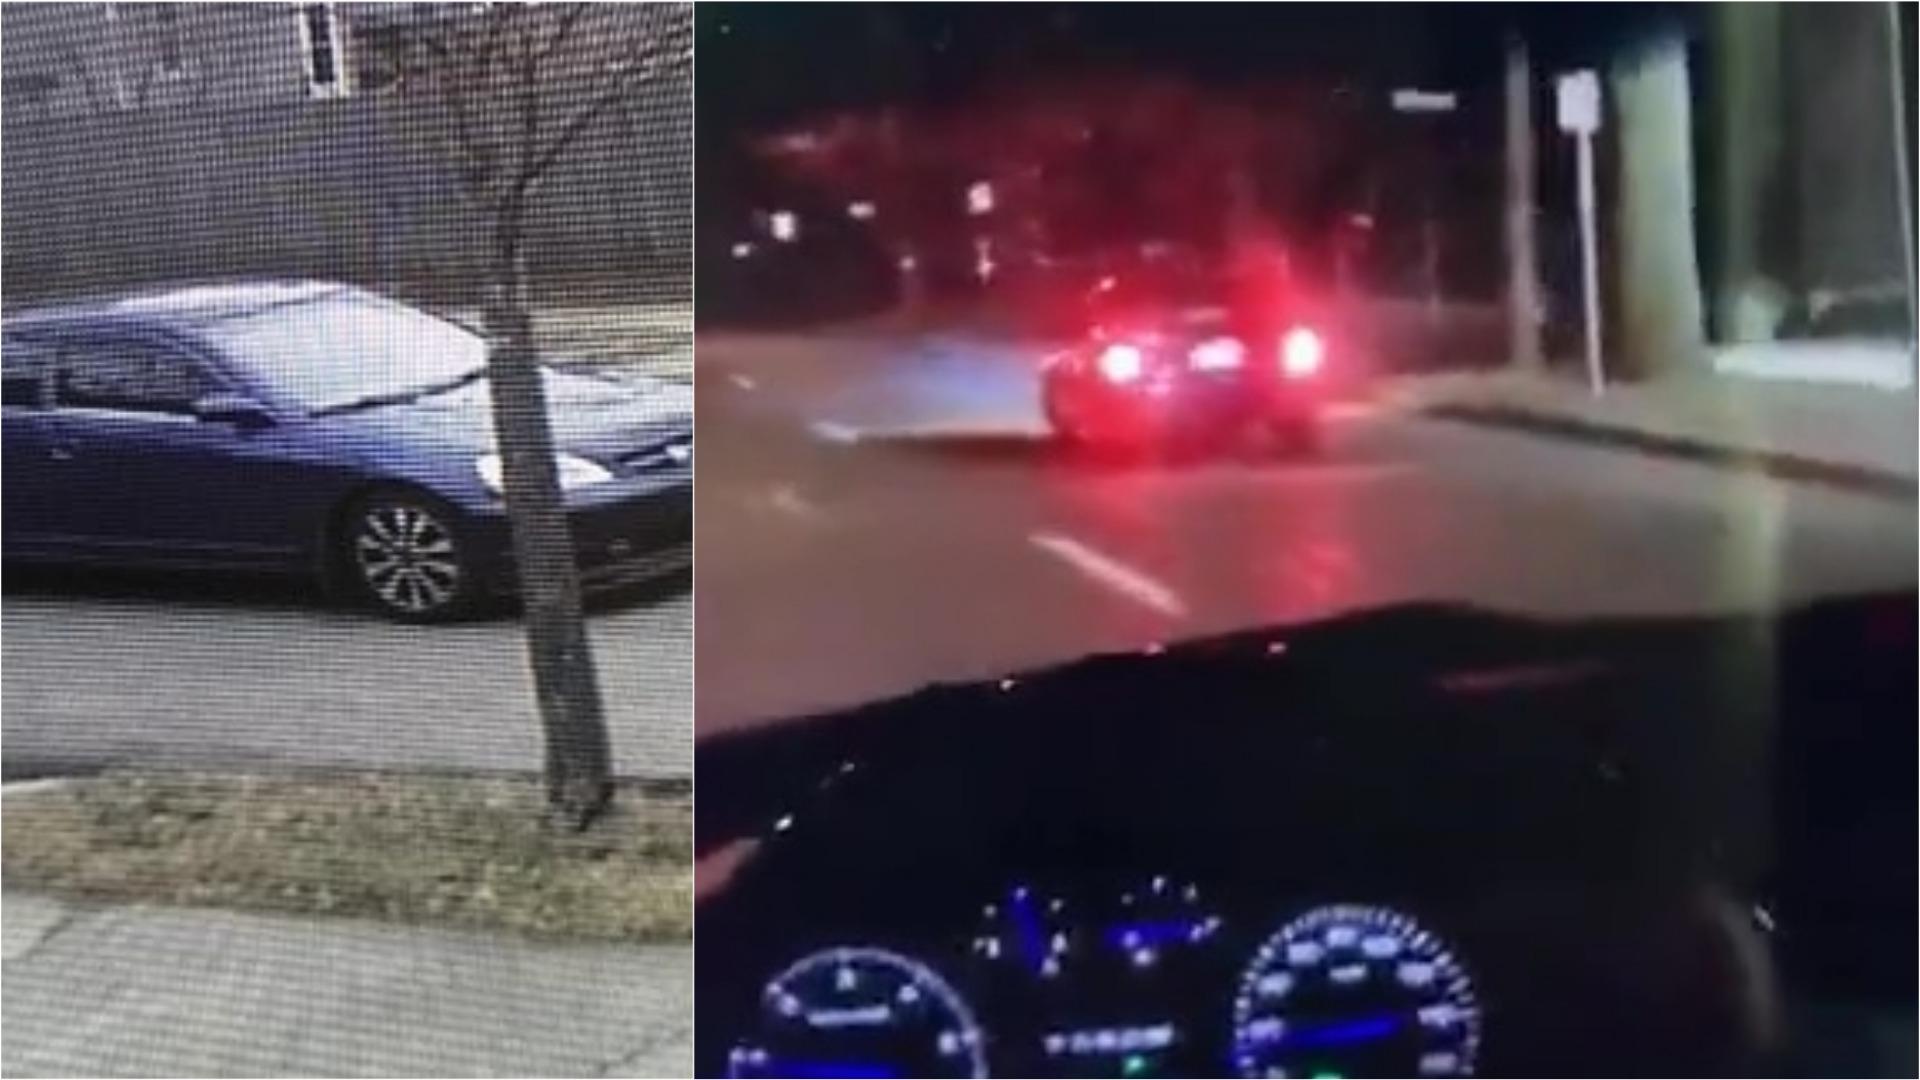 Reconocieron el auto y no lo pensaron dos veces.